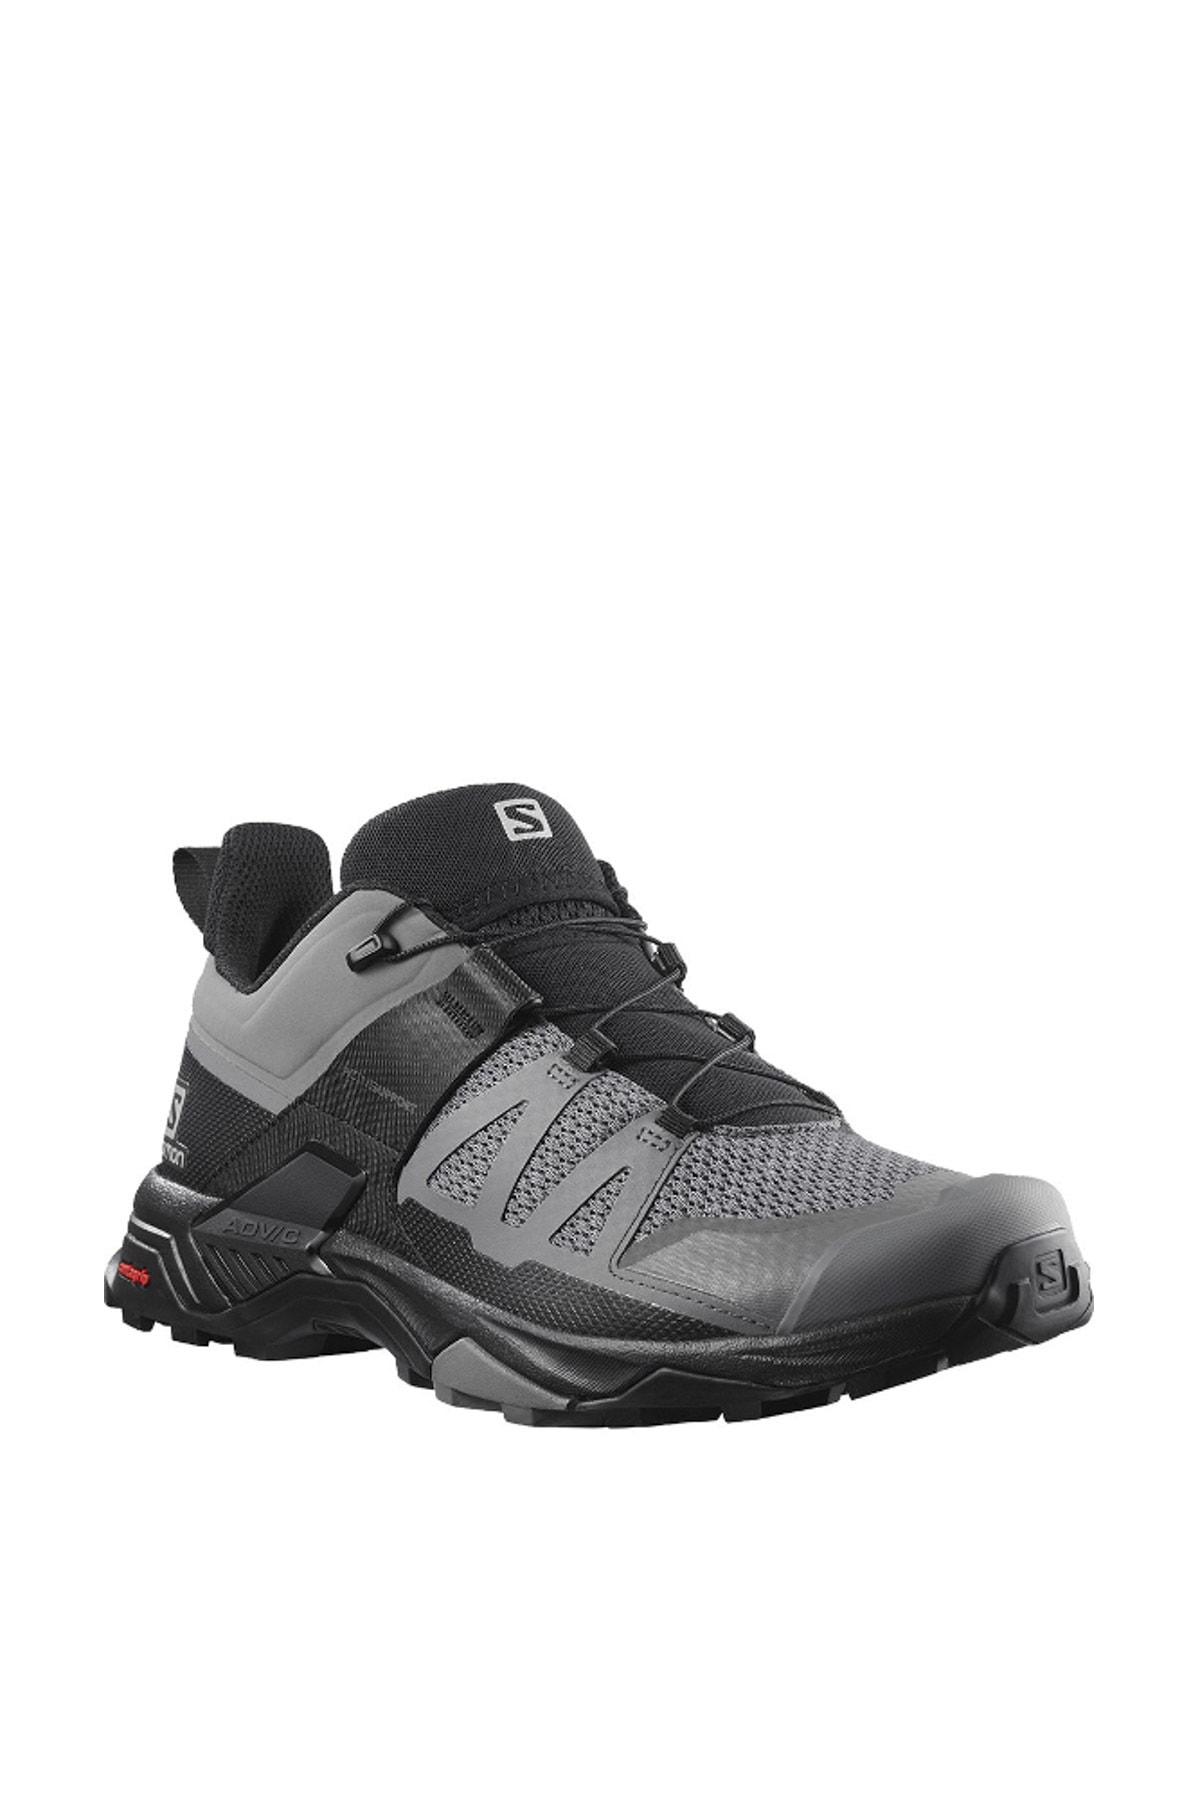 فروش پستی کفش کوهنوردی مردانه شیک جدید برند Salomon رنگ نقره ای کد ty87571547